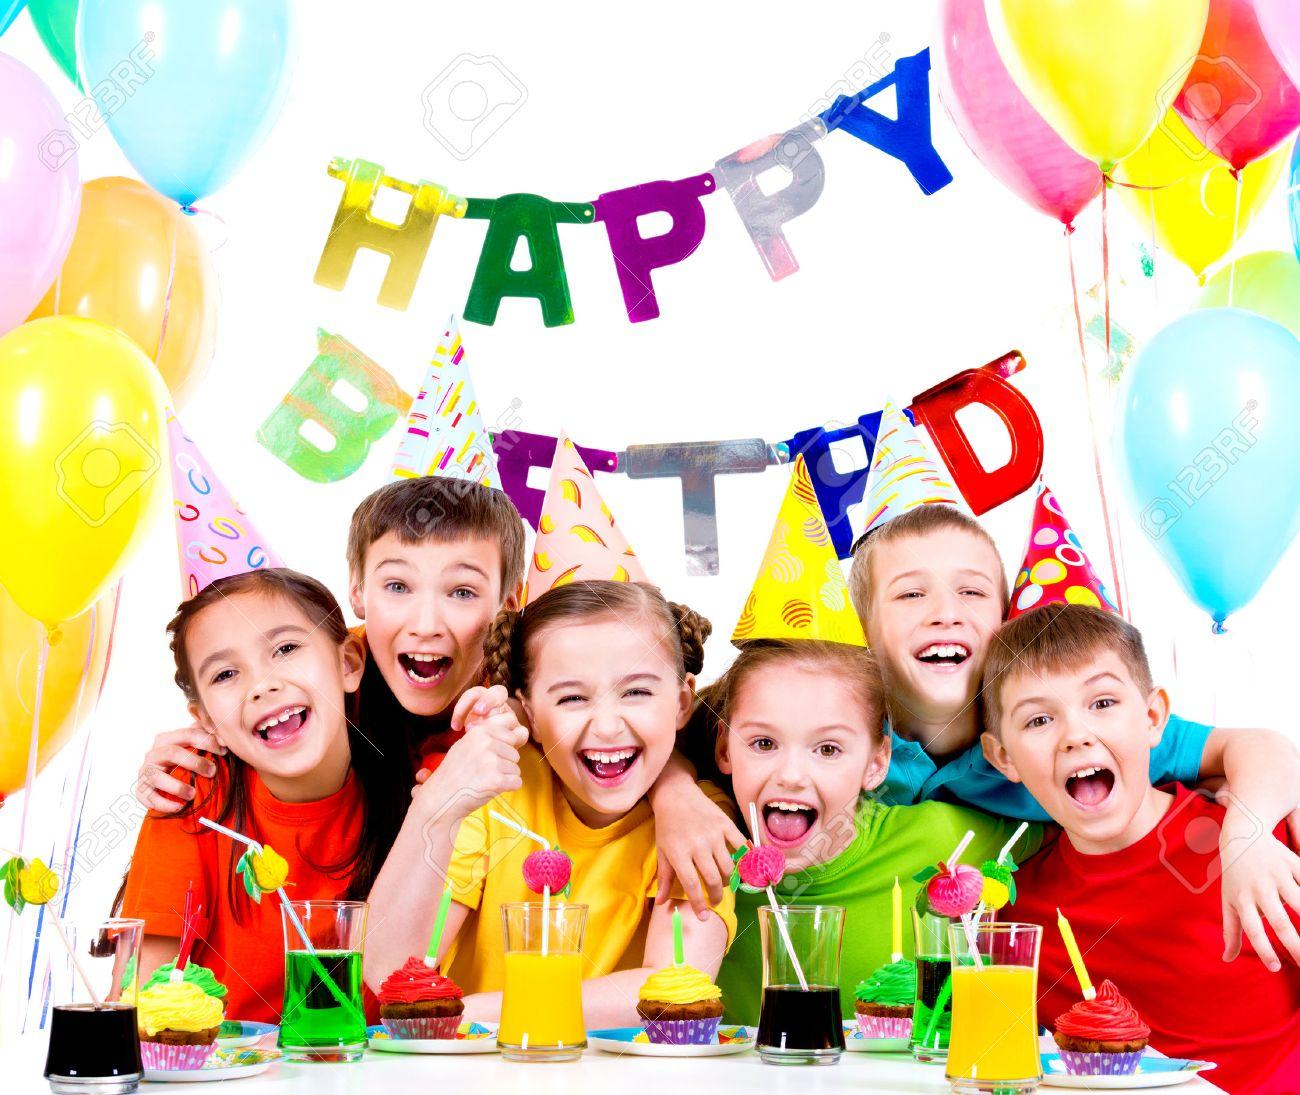 Groupe d'enfants rieurs ayant plaisir à la fête d'anniversaire - isolé sur un fond blanc. Banque d'images - 46590744